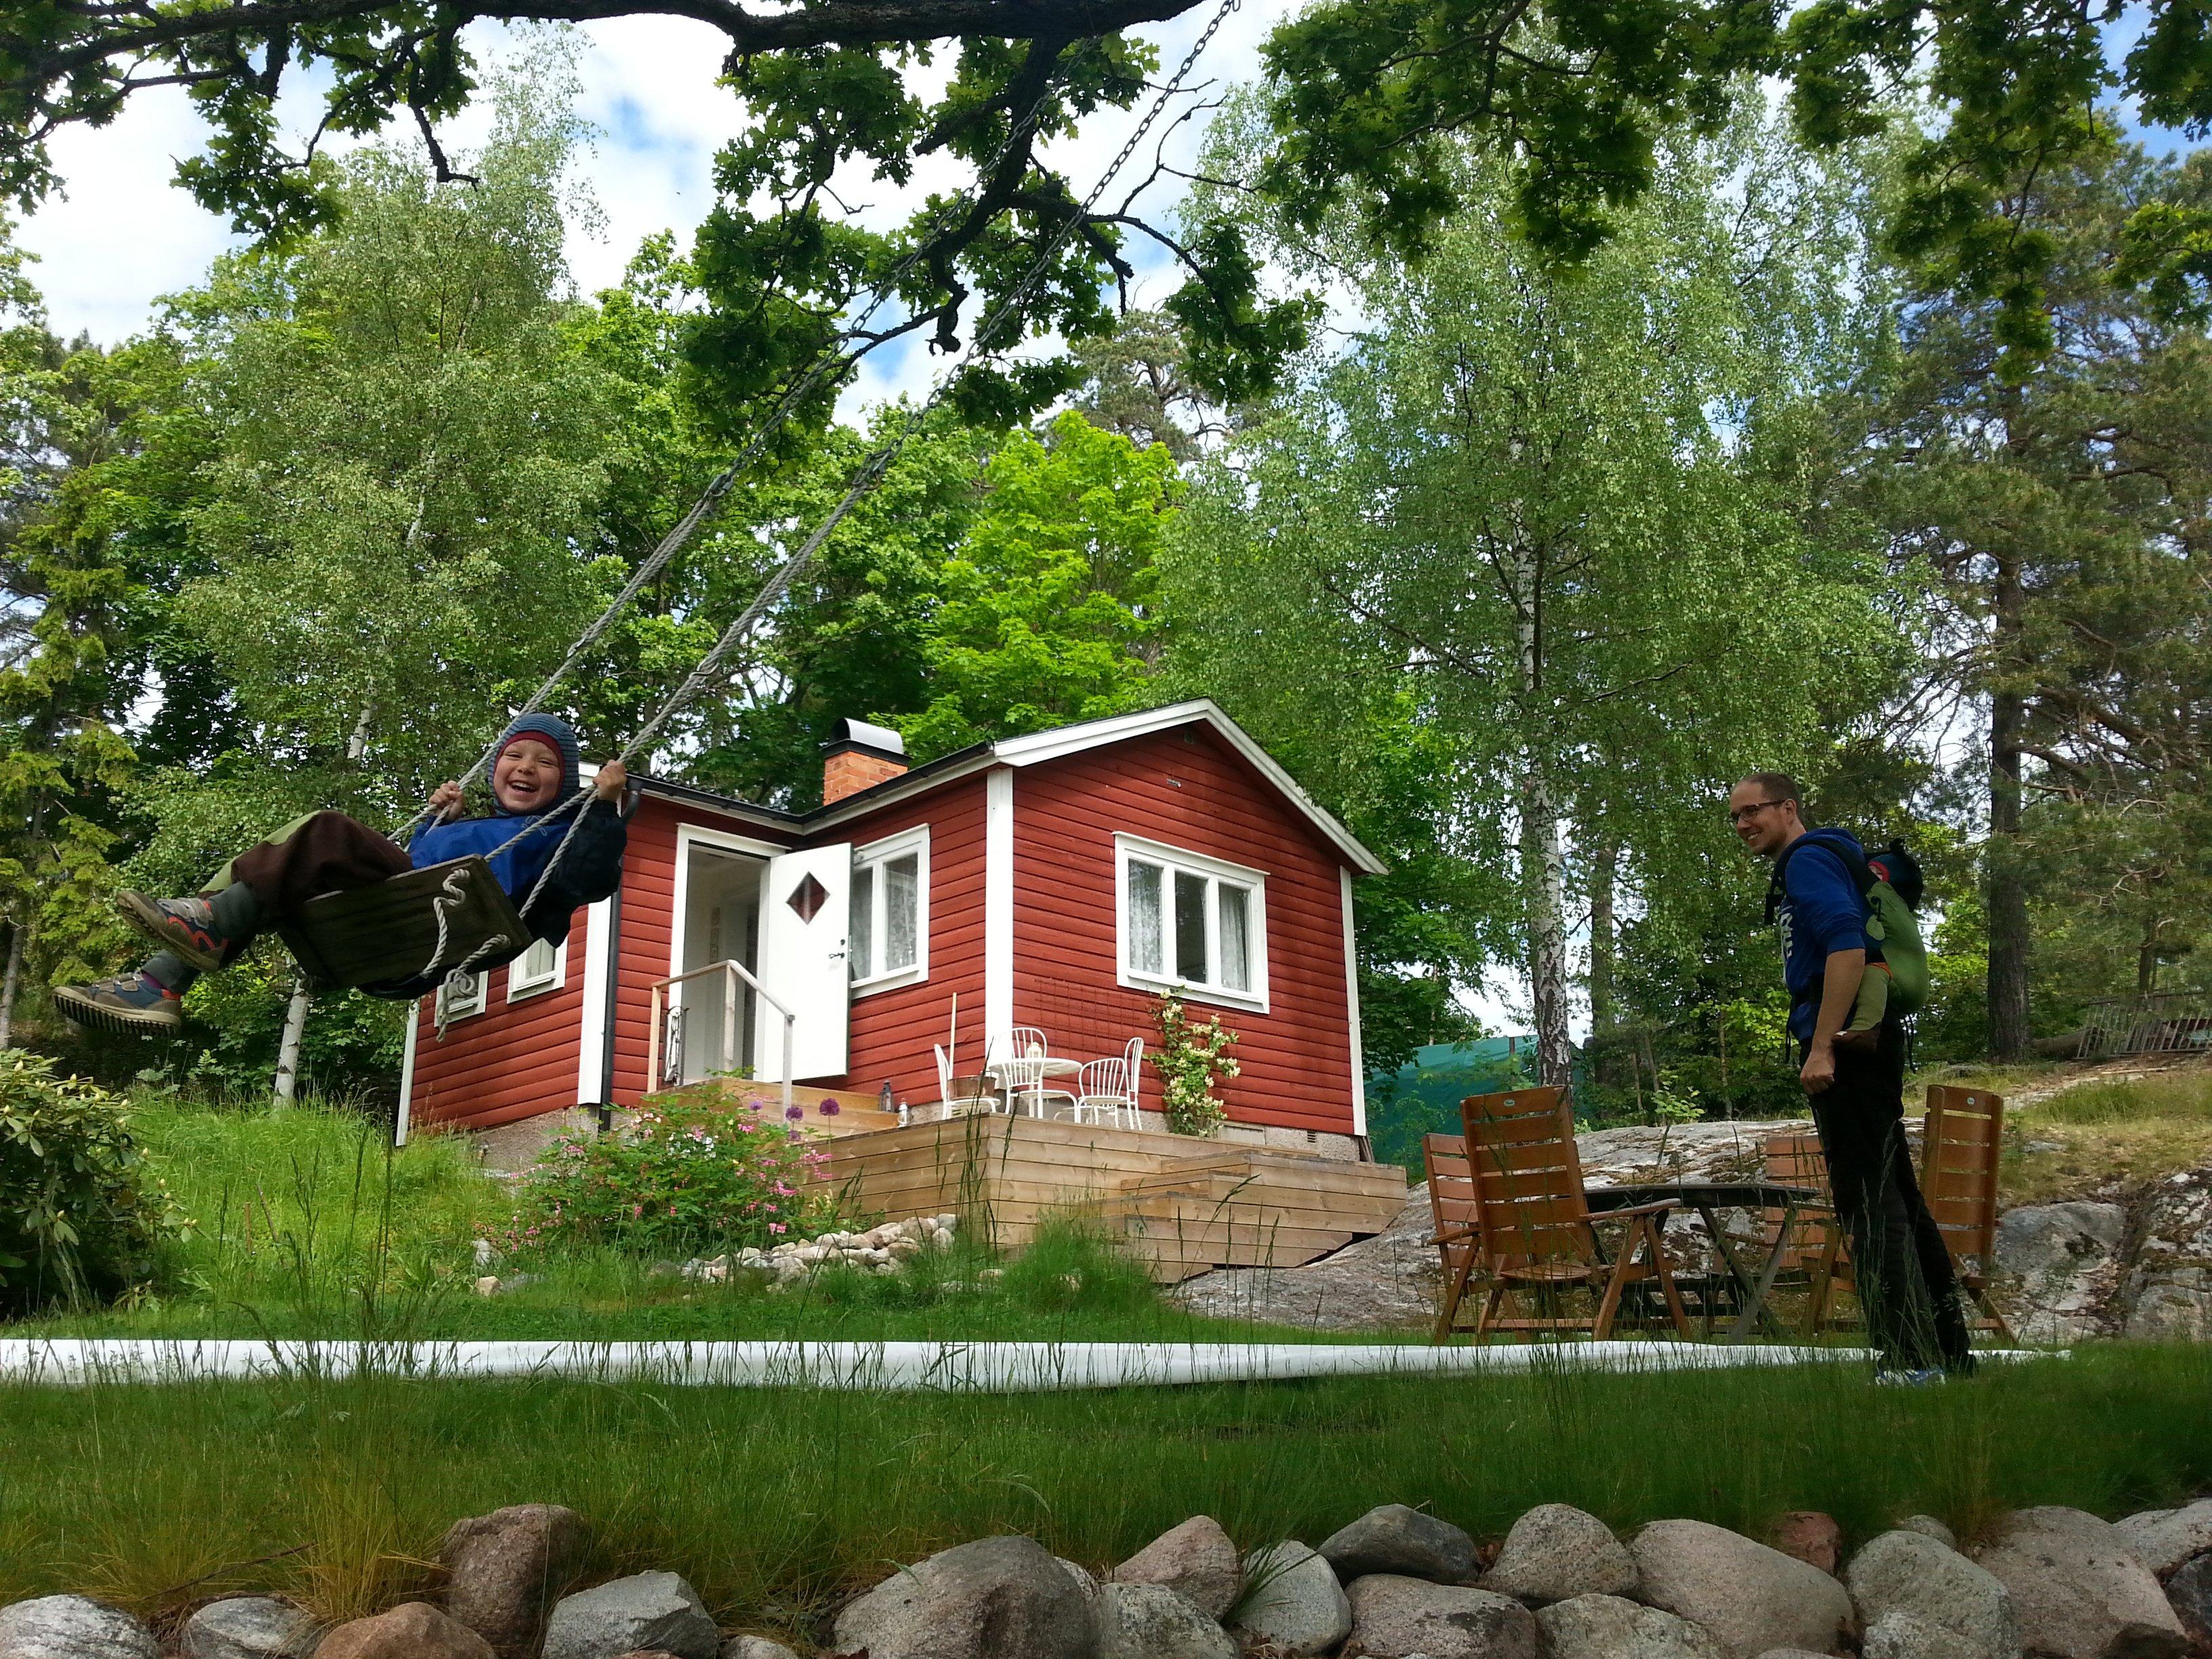 Ferienhaus-Spaß in Schweden © aroundtheworld